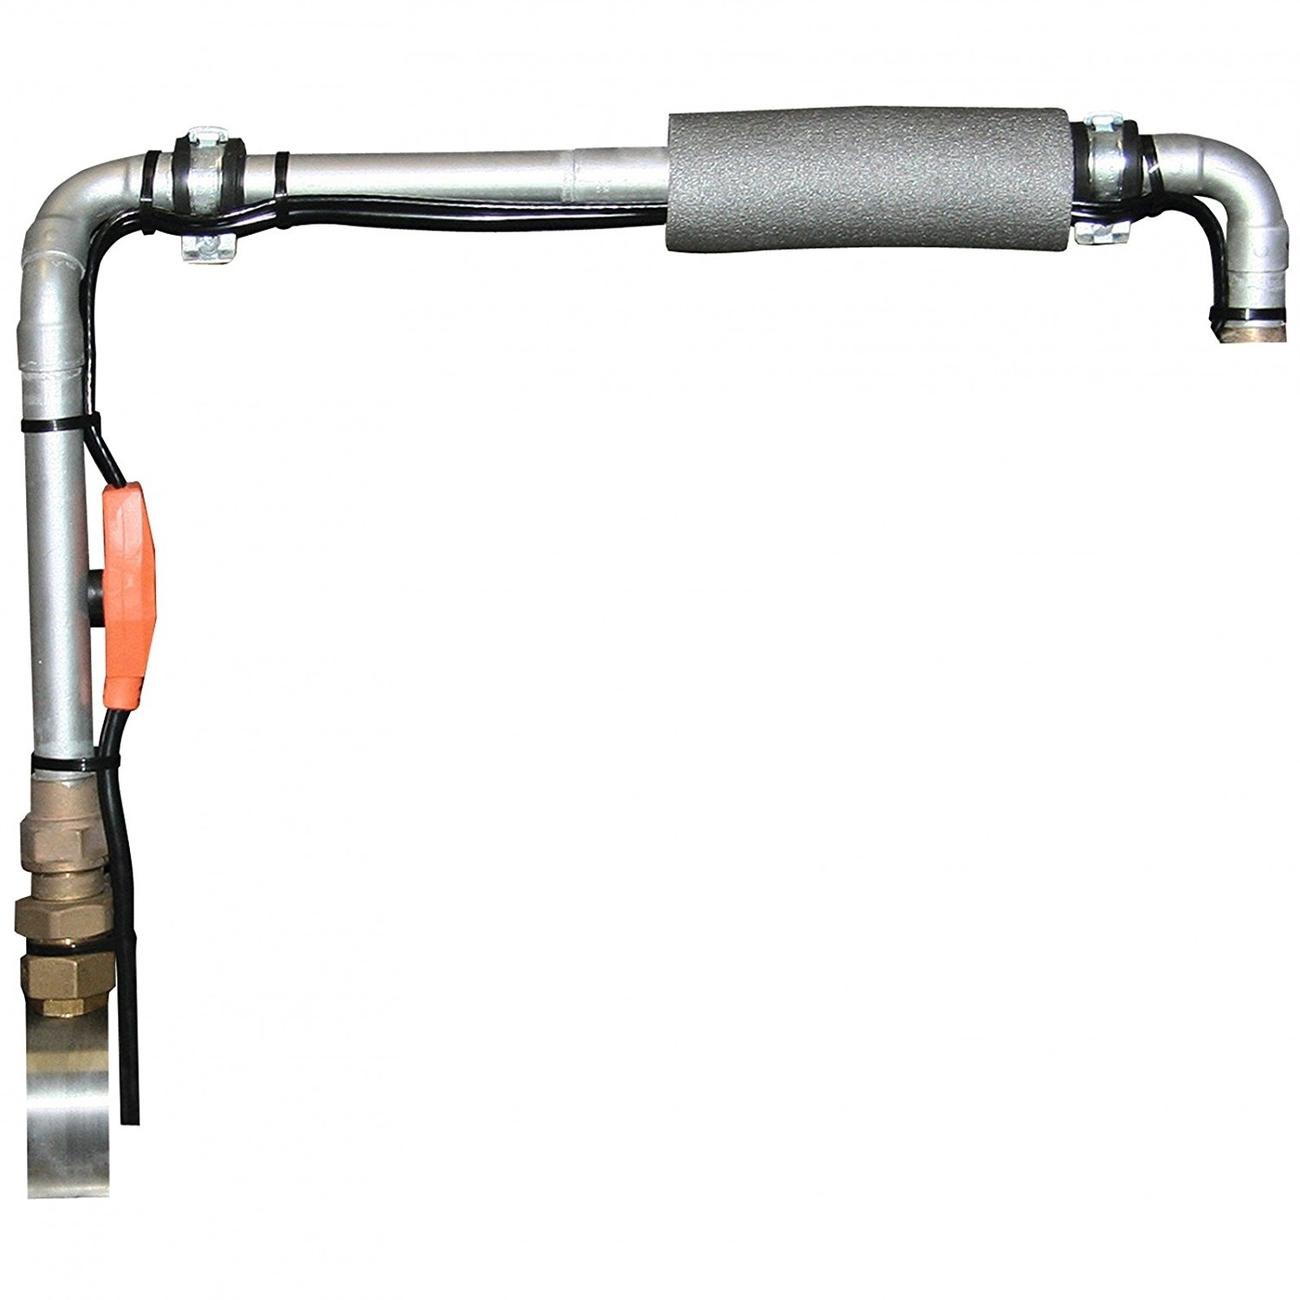 Kerbl Frostschutz-Heizleitung für Wasserleitung mit Thermostat, Bild 4